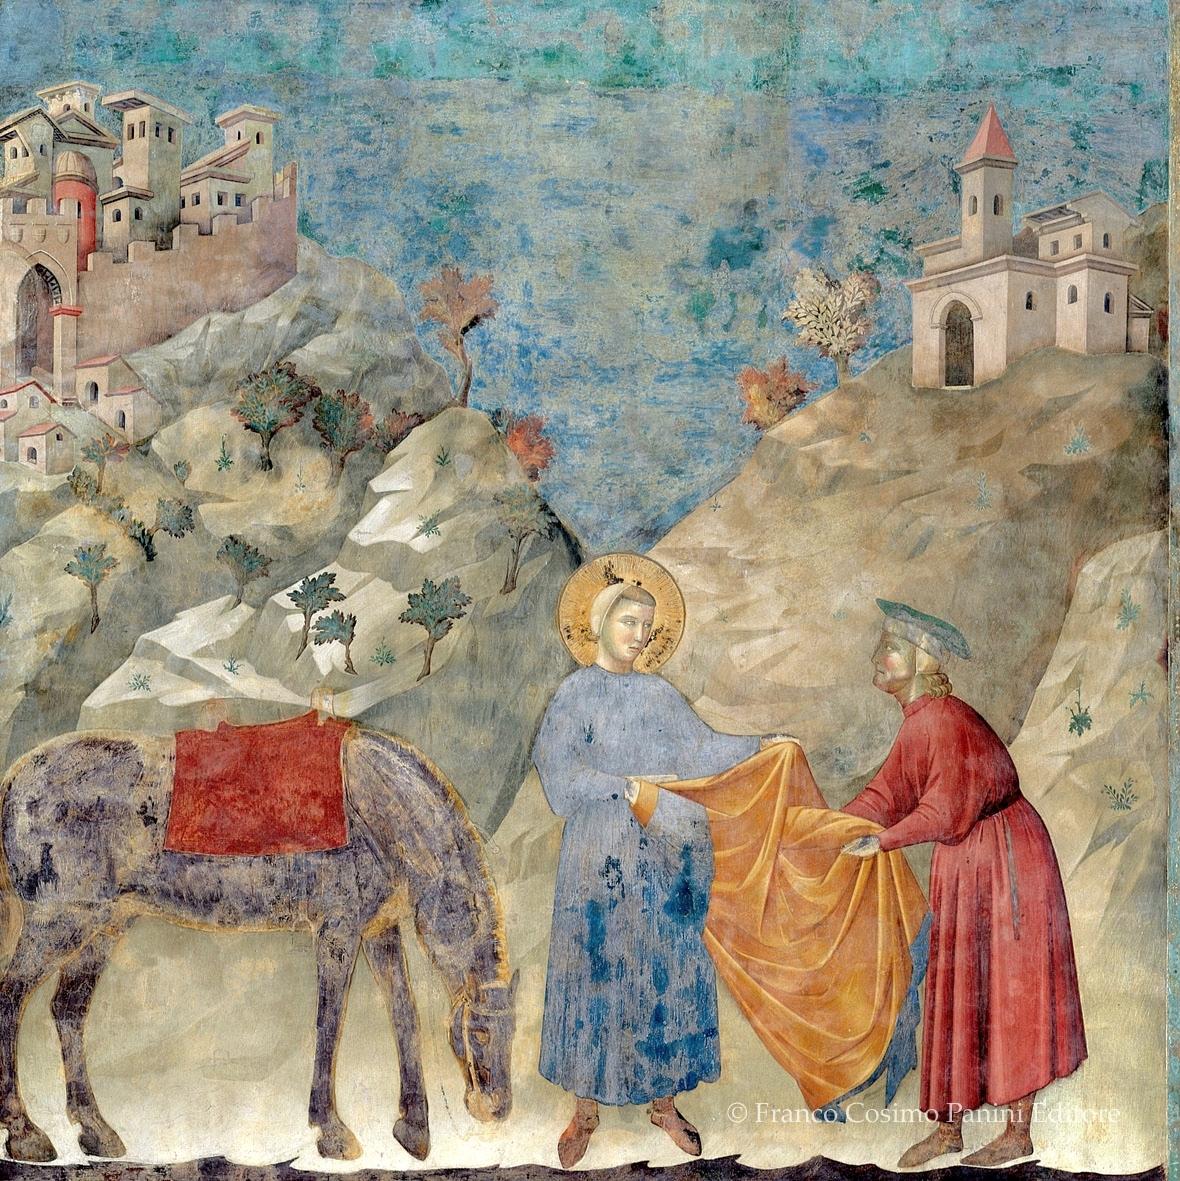 """""""Il dono del un mantello a un povero"""" (1297-99) by Giotto in the Upper Basilica of San Francesco fresco cycle of the life of Saint Francis."""